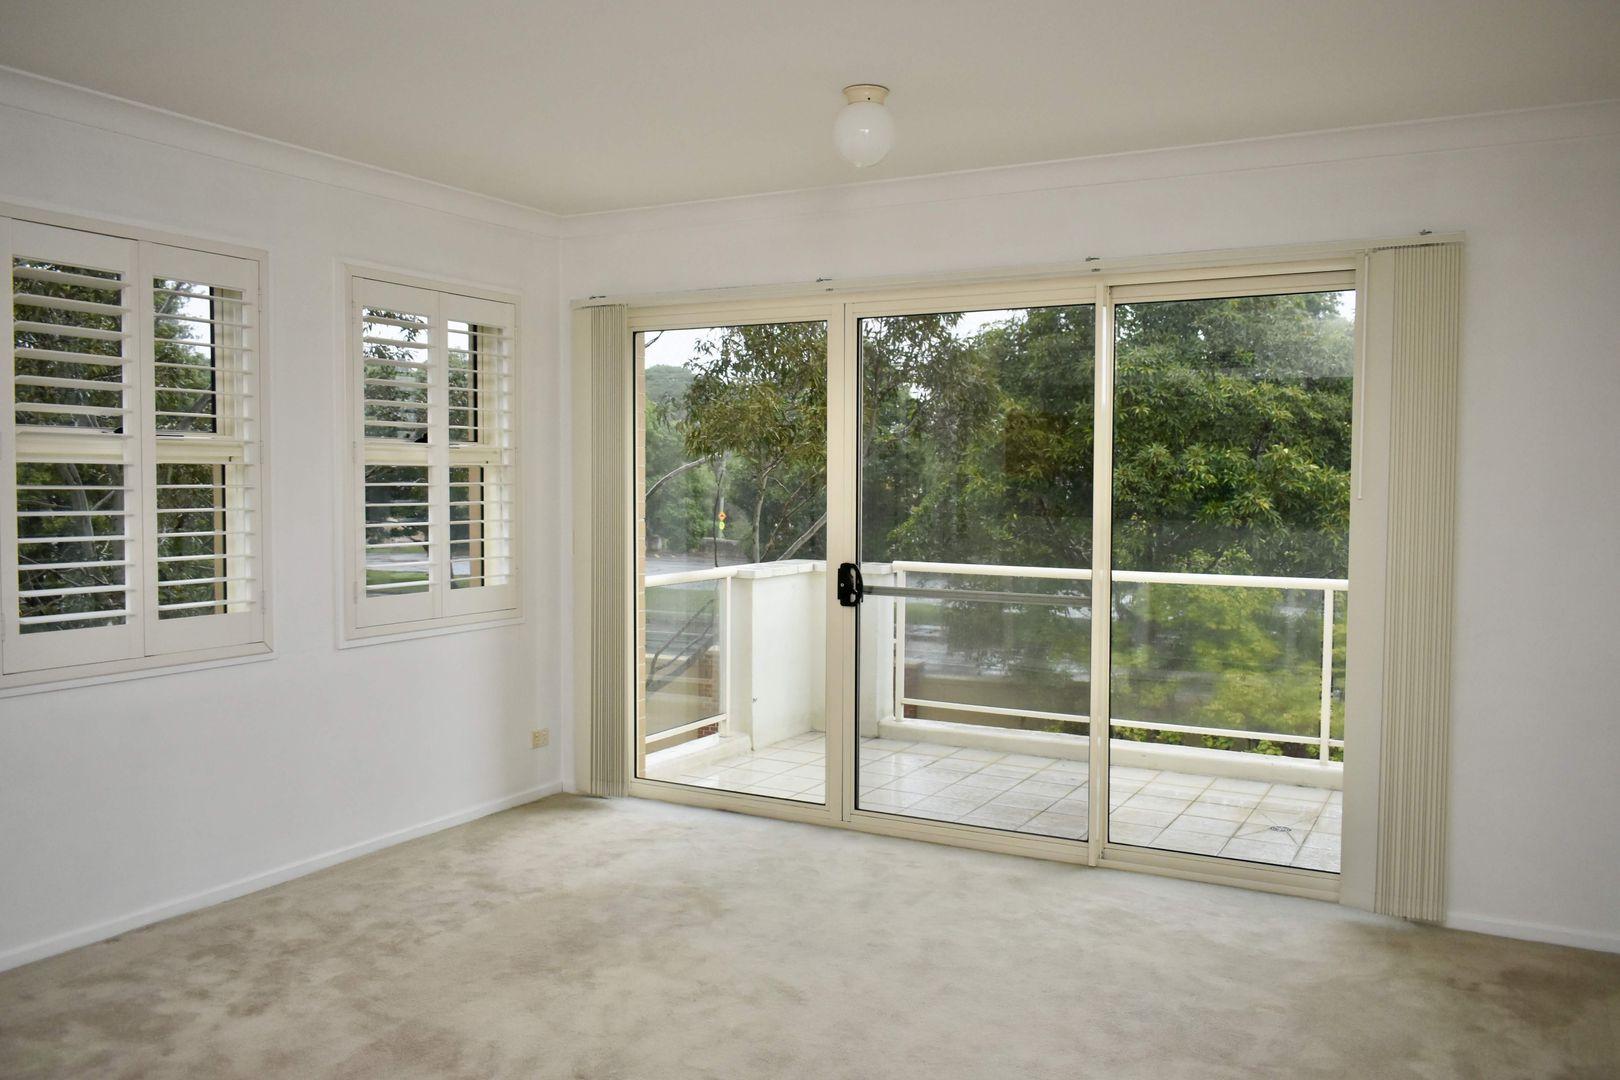 206/12 Karrabee Avenue, Huntleys Cove NSW 2111, Image 0